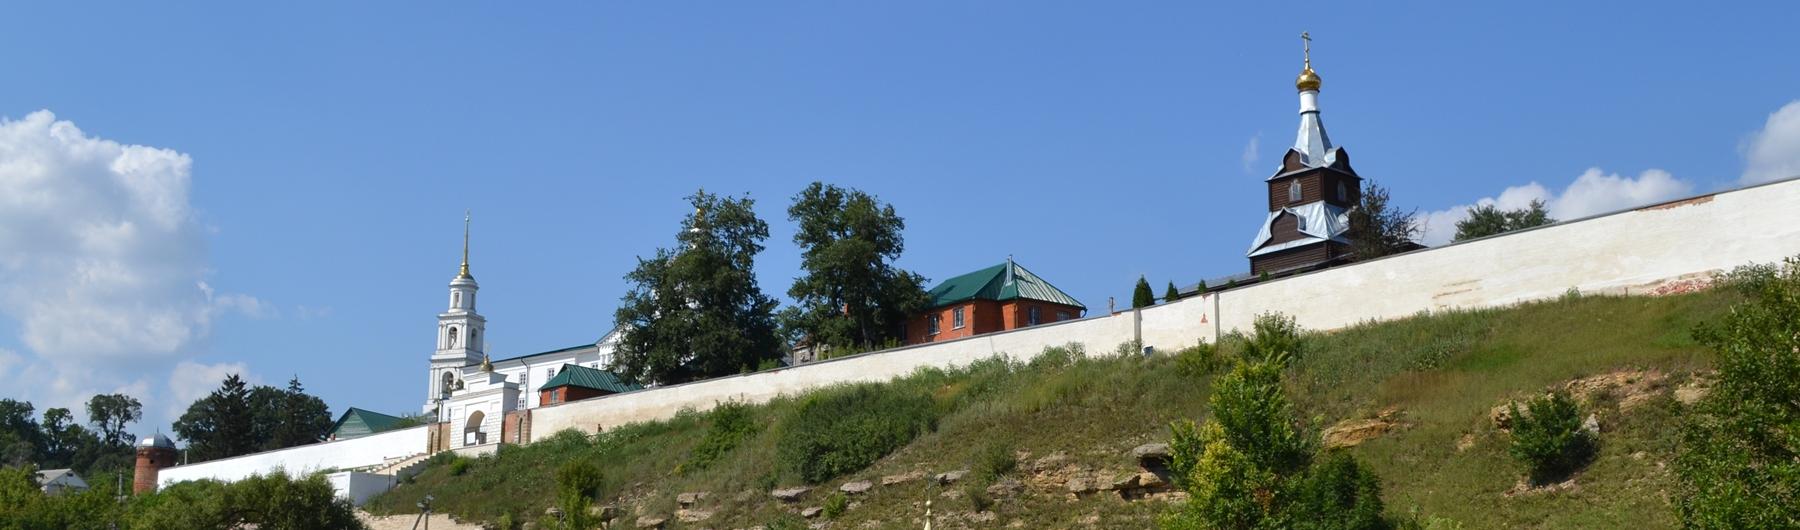 Елецкий Знаменский епархиальный женский монастырь